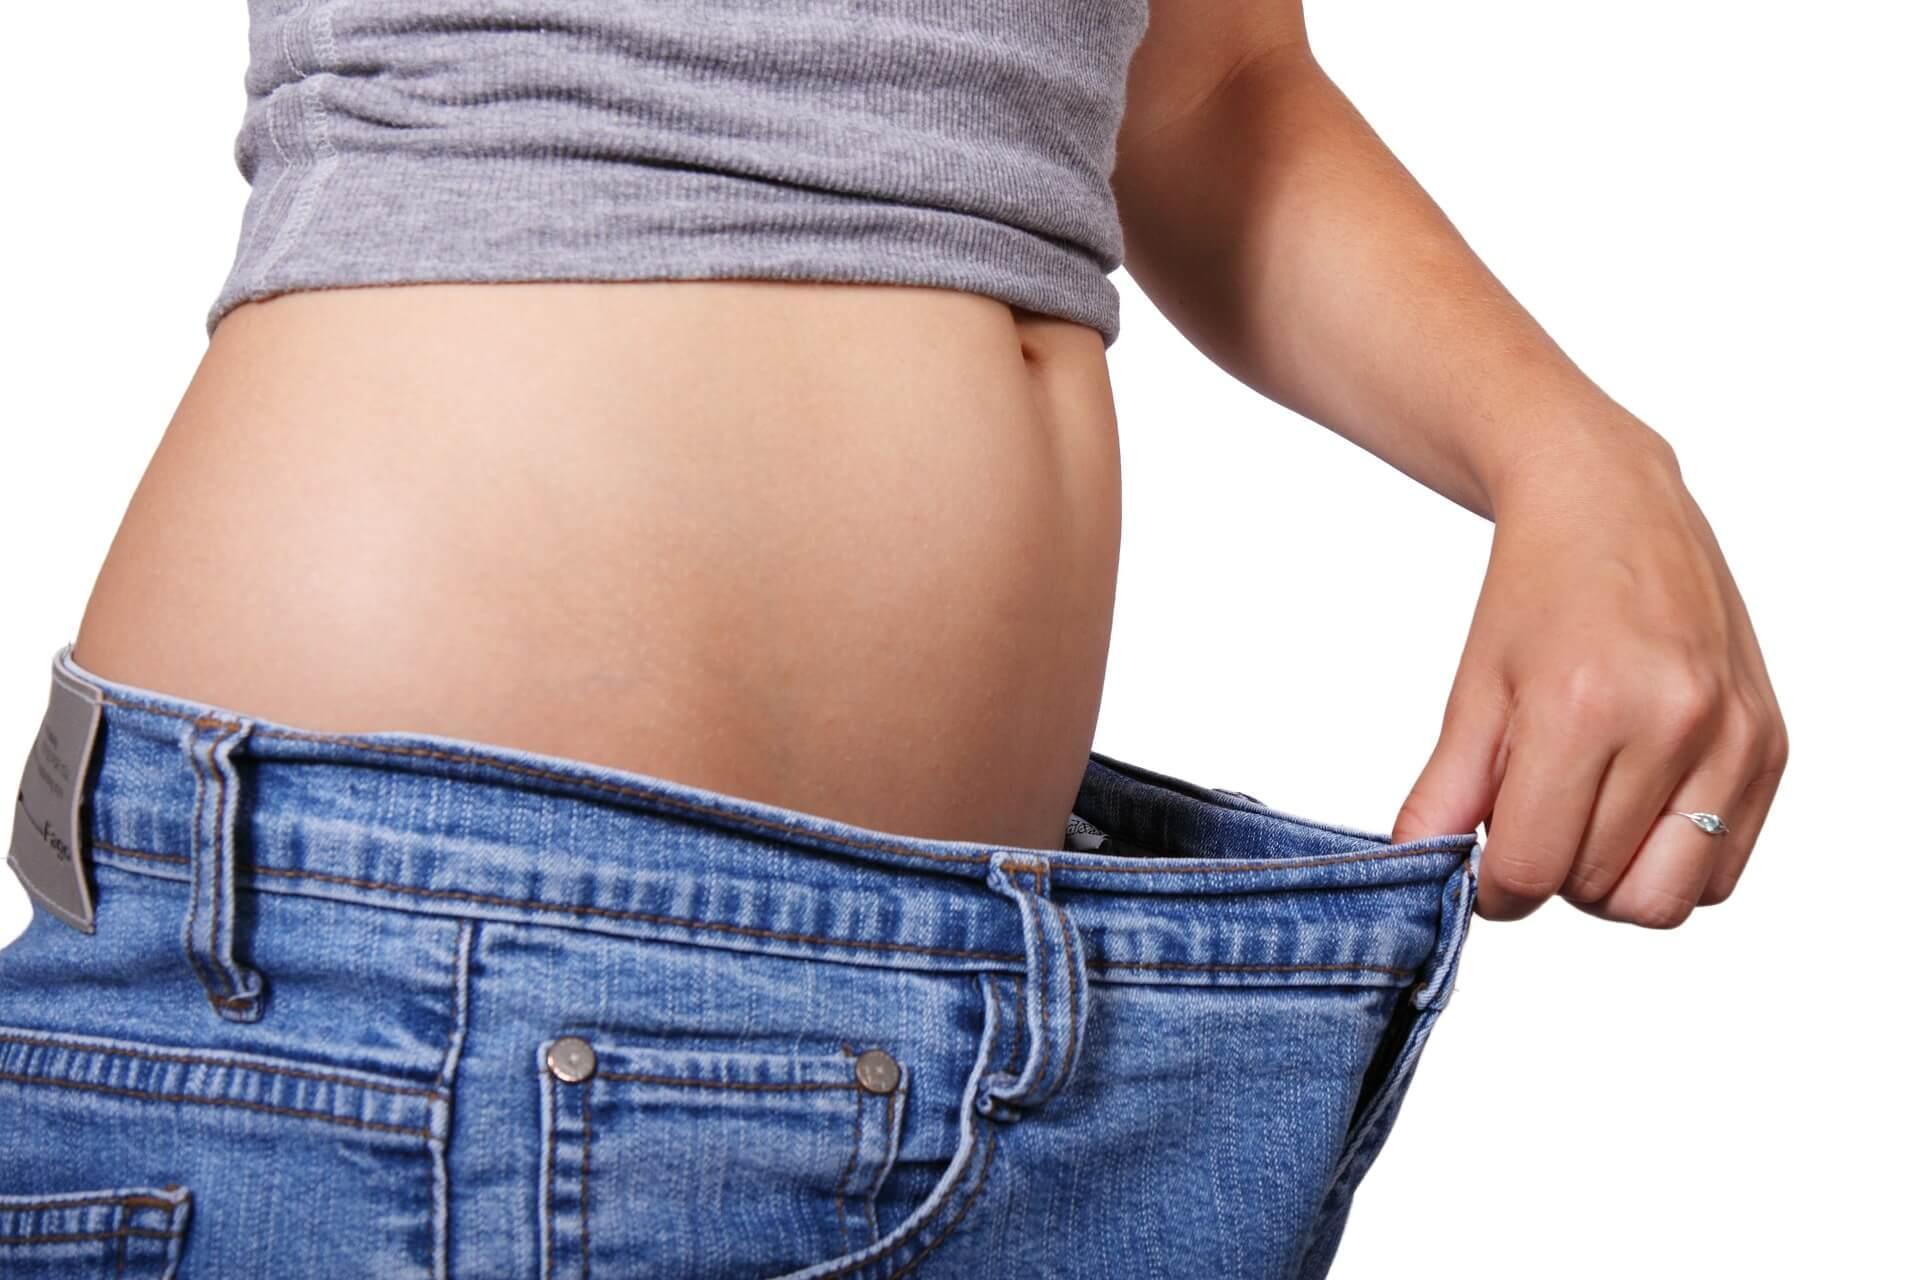 puteți pierde celulita cu pierderea în greutate dr oz cel mai simplu mod pierde in greutate